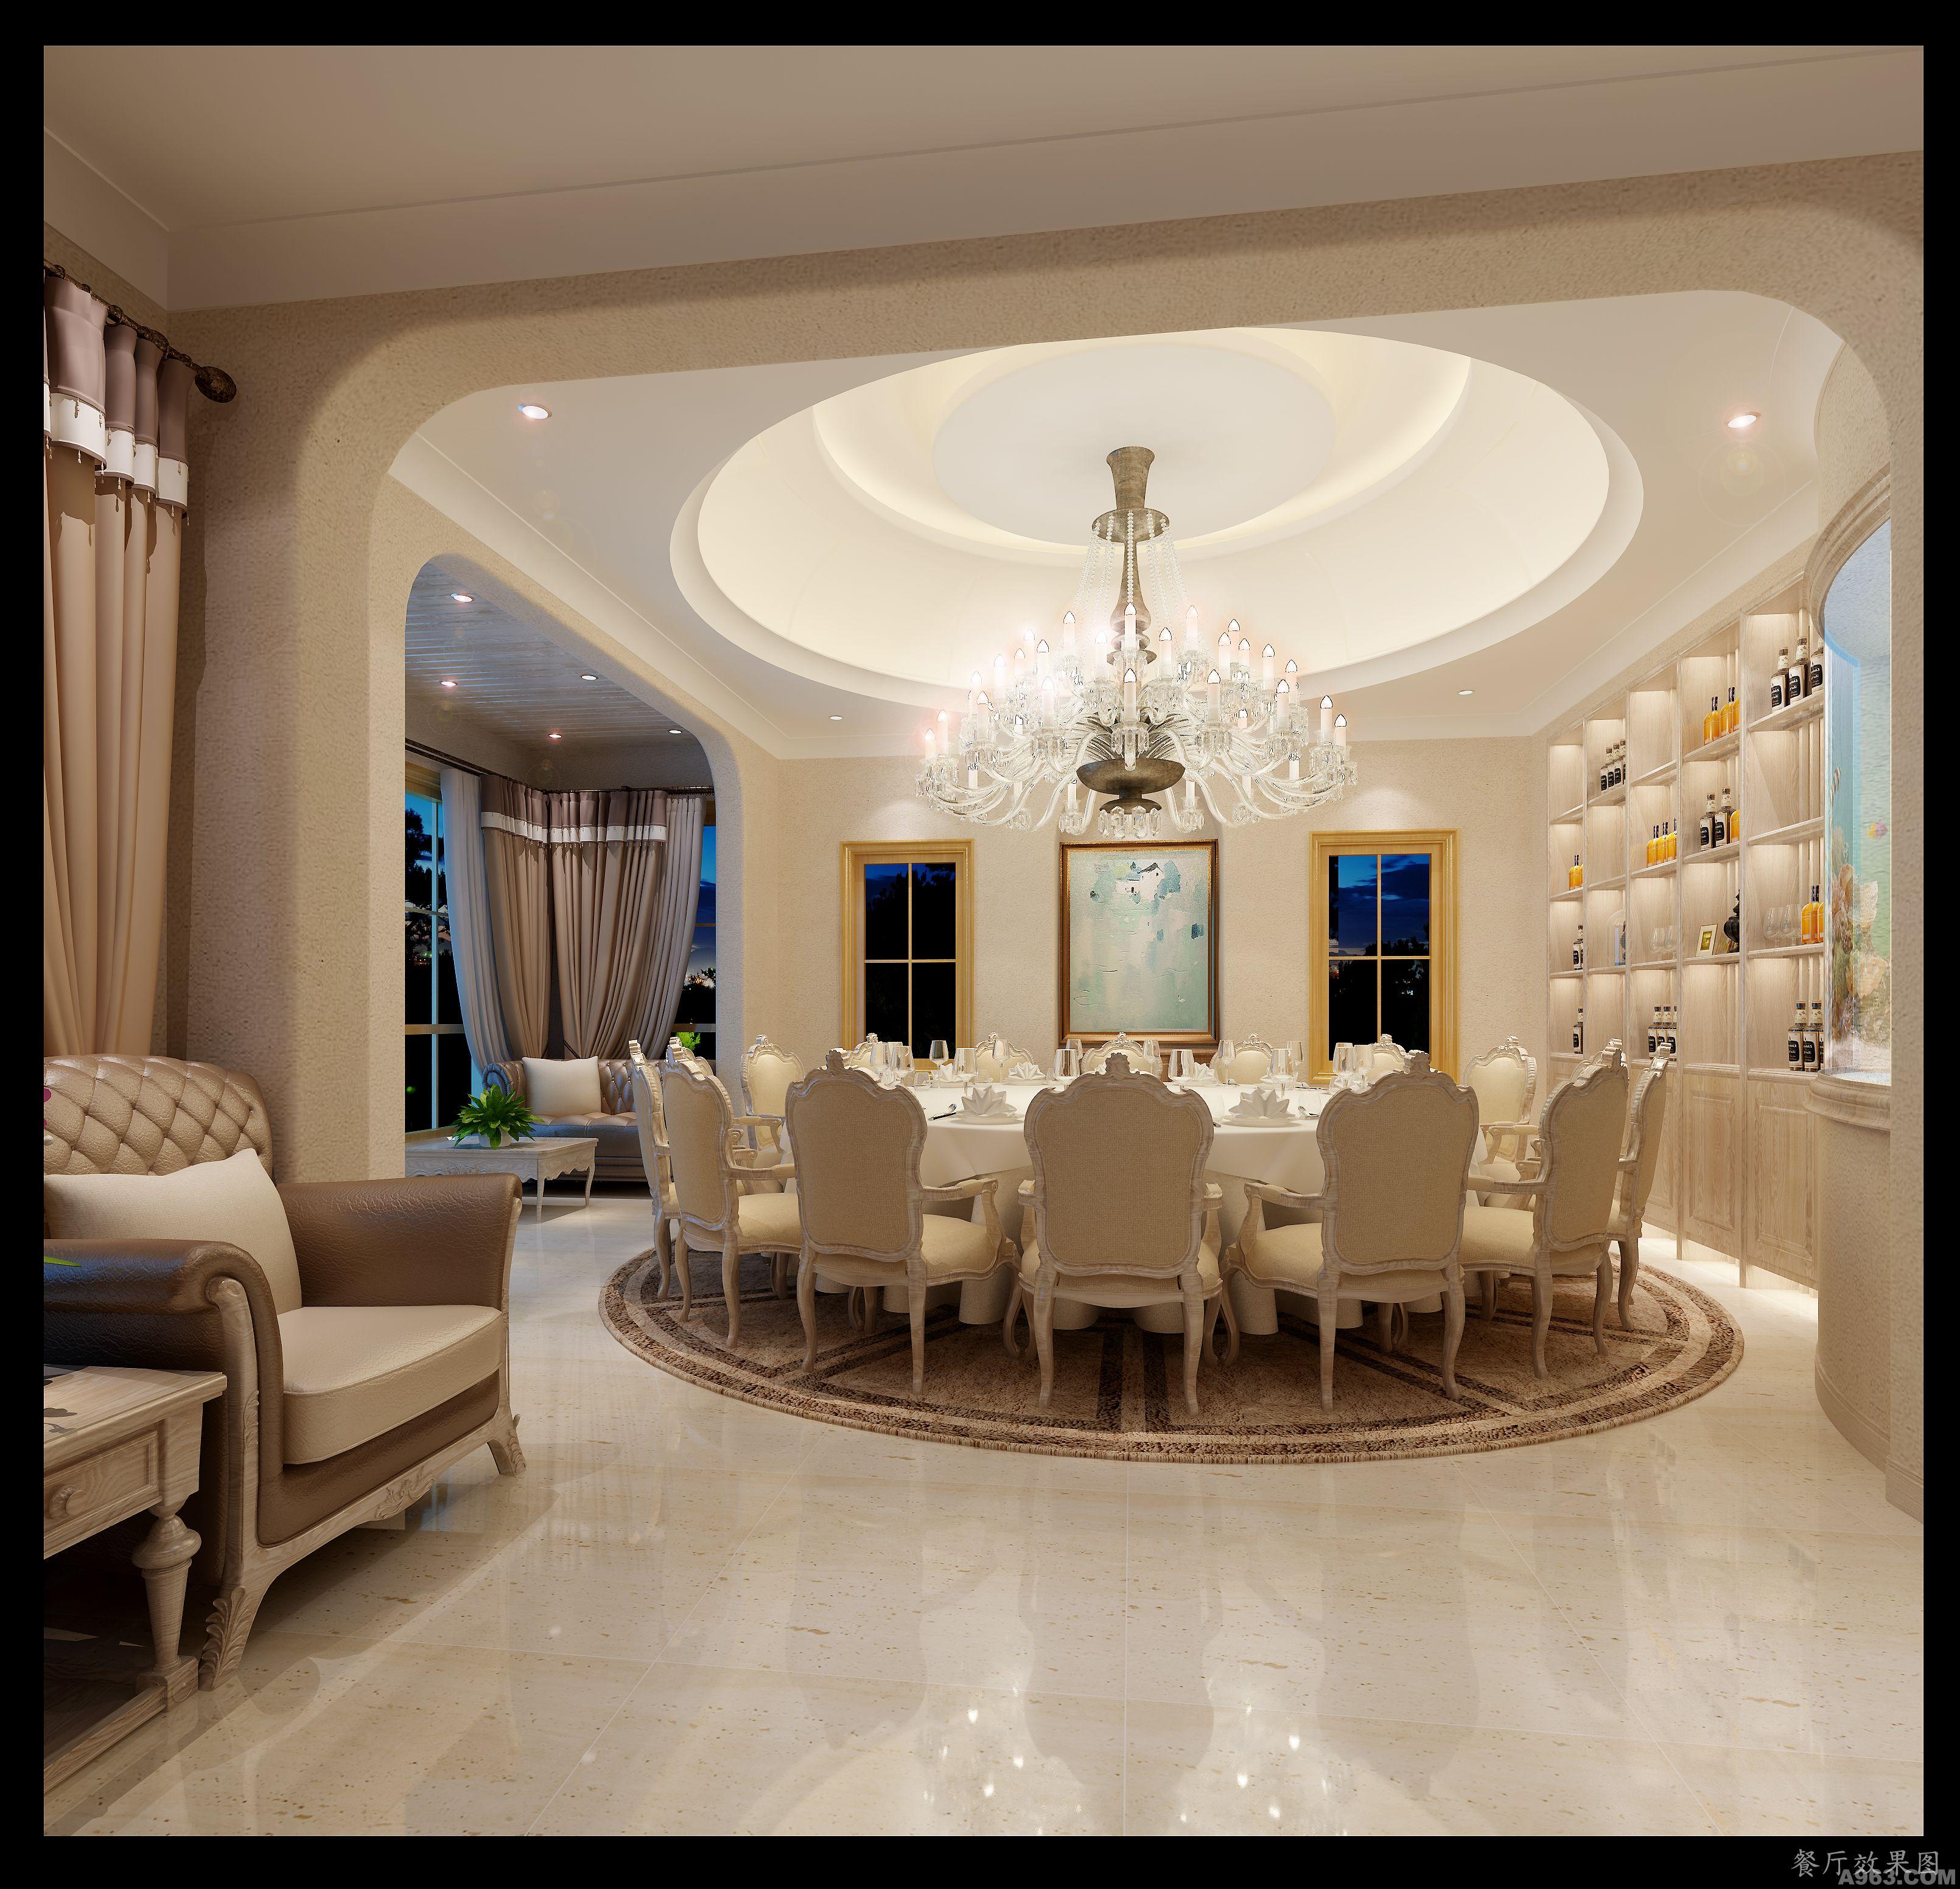 泰州南京高尔夫别墅-别墅别墅-钟山室内设计网__.有哪里豪宅北京卖高港图片